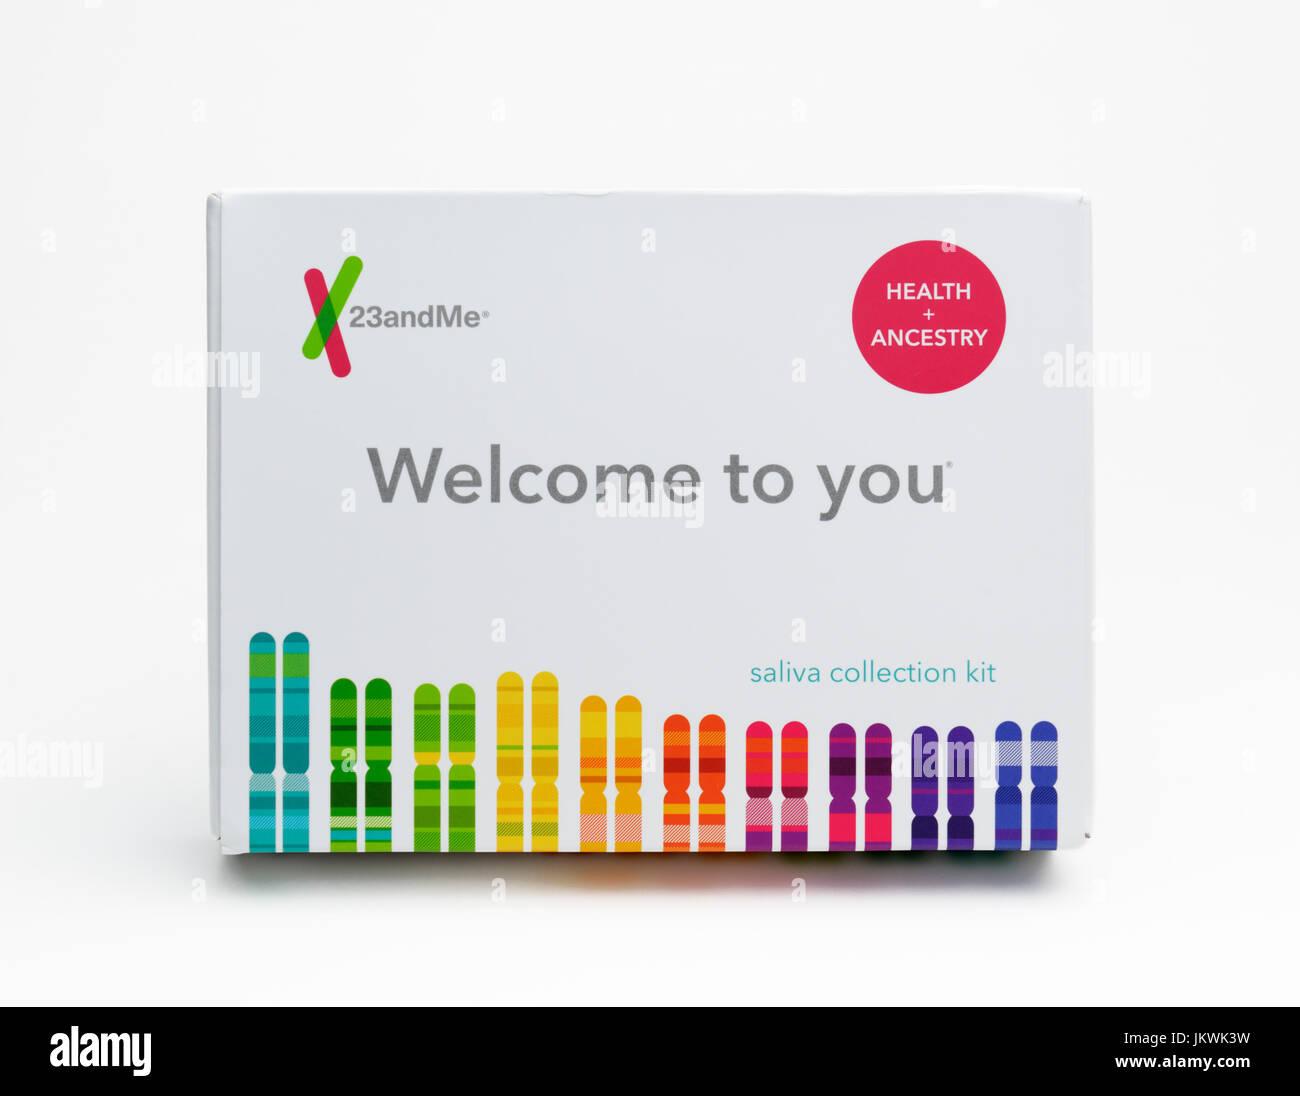 Nach Hause Speichel sammeln Kit für Gentests Abstammung und Gesundheit Gene zu konsumieren Stockbild